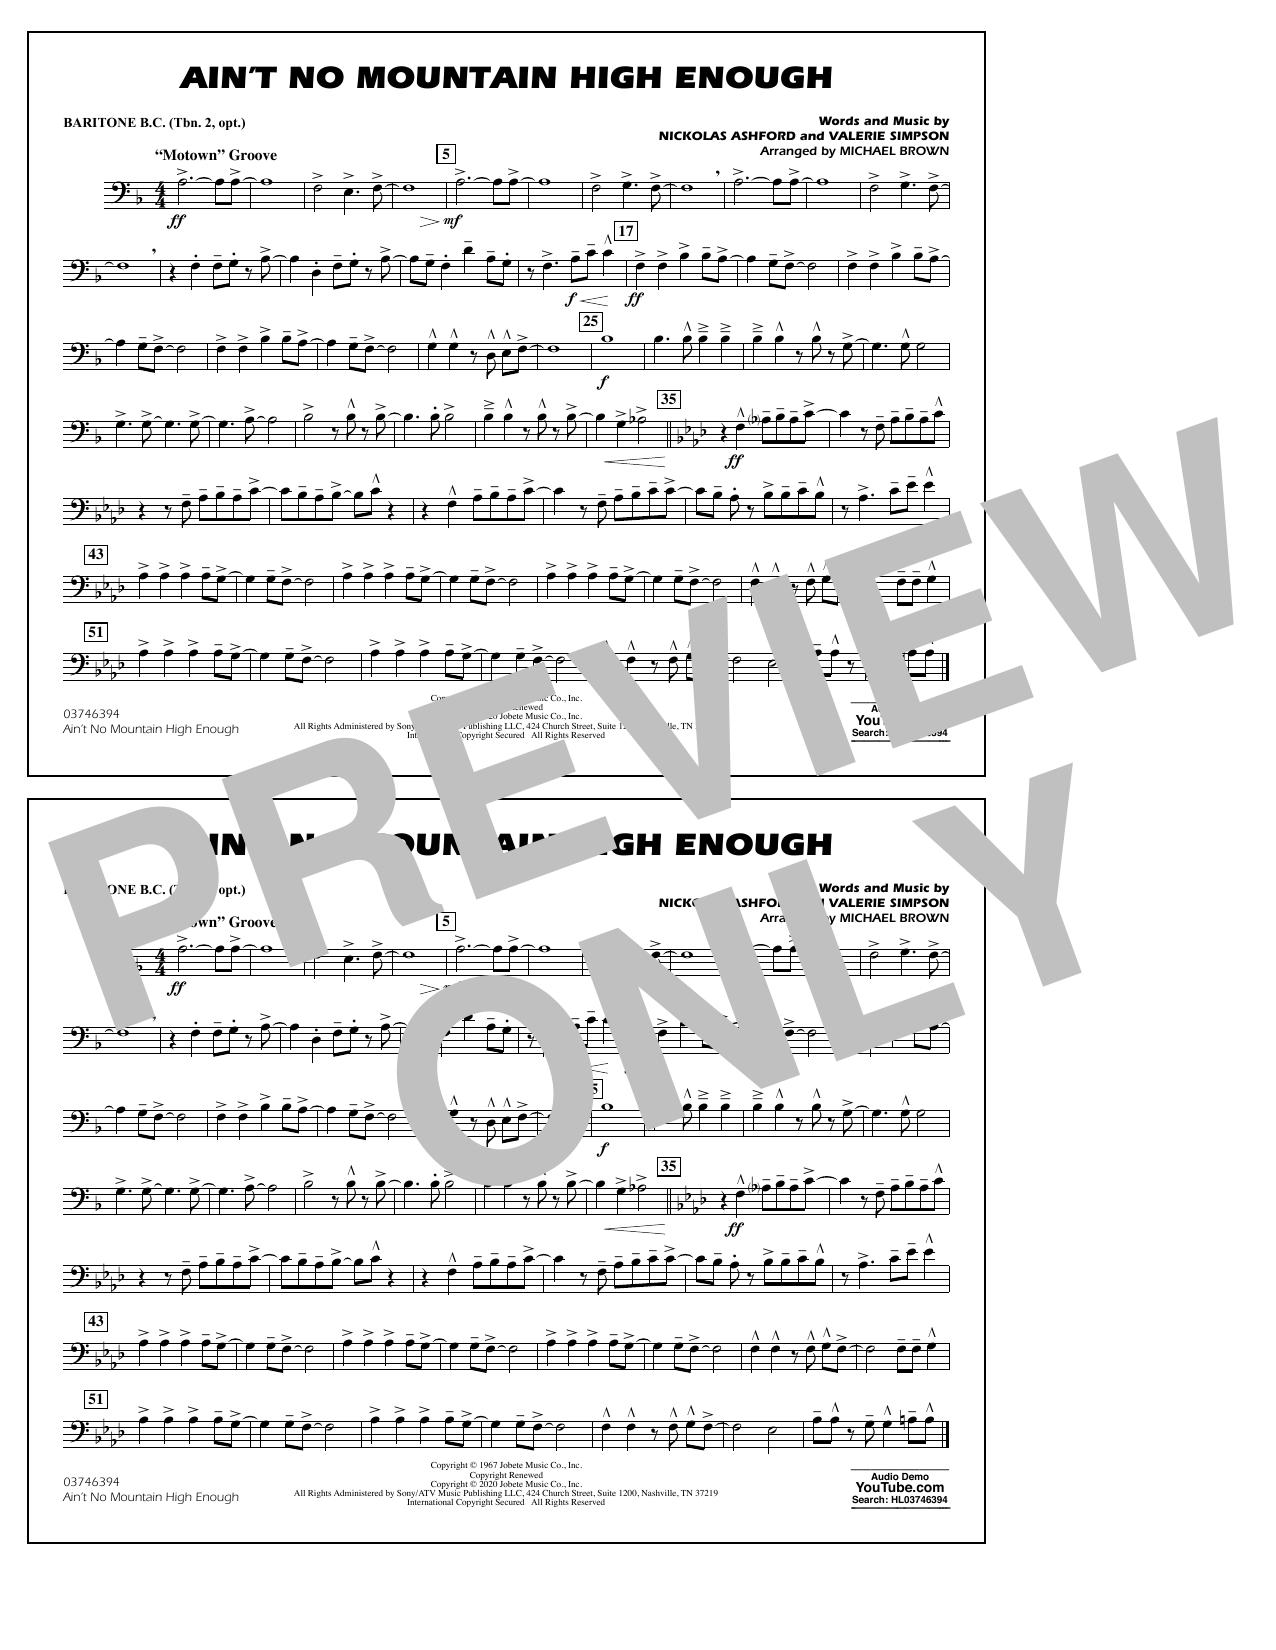 Ain't No Mountain High Enough (arr. Michael Brown) - Baritone B.C. (Opt. Tbn. 2) Sheet Music